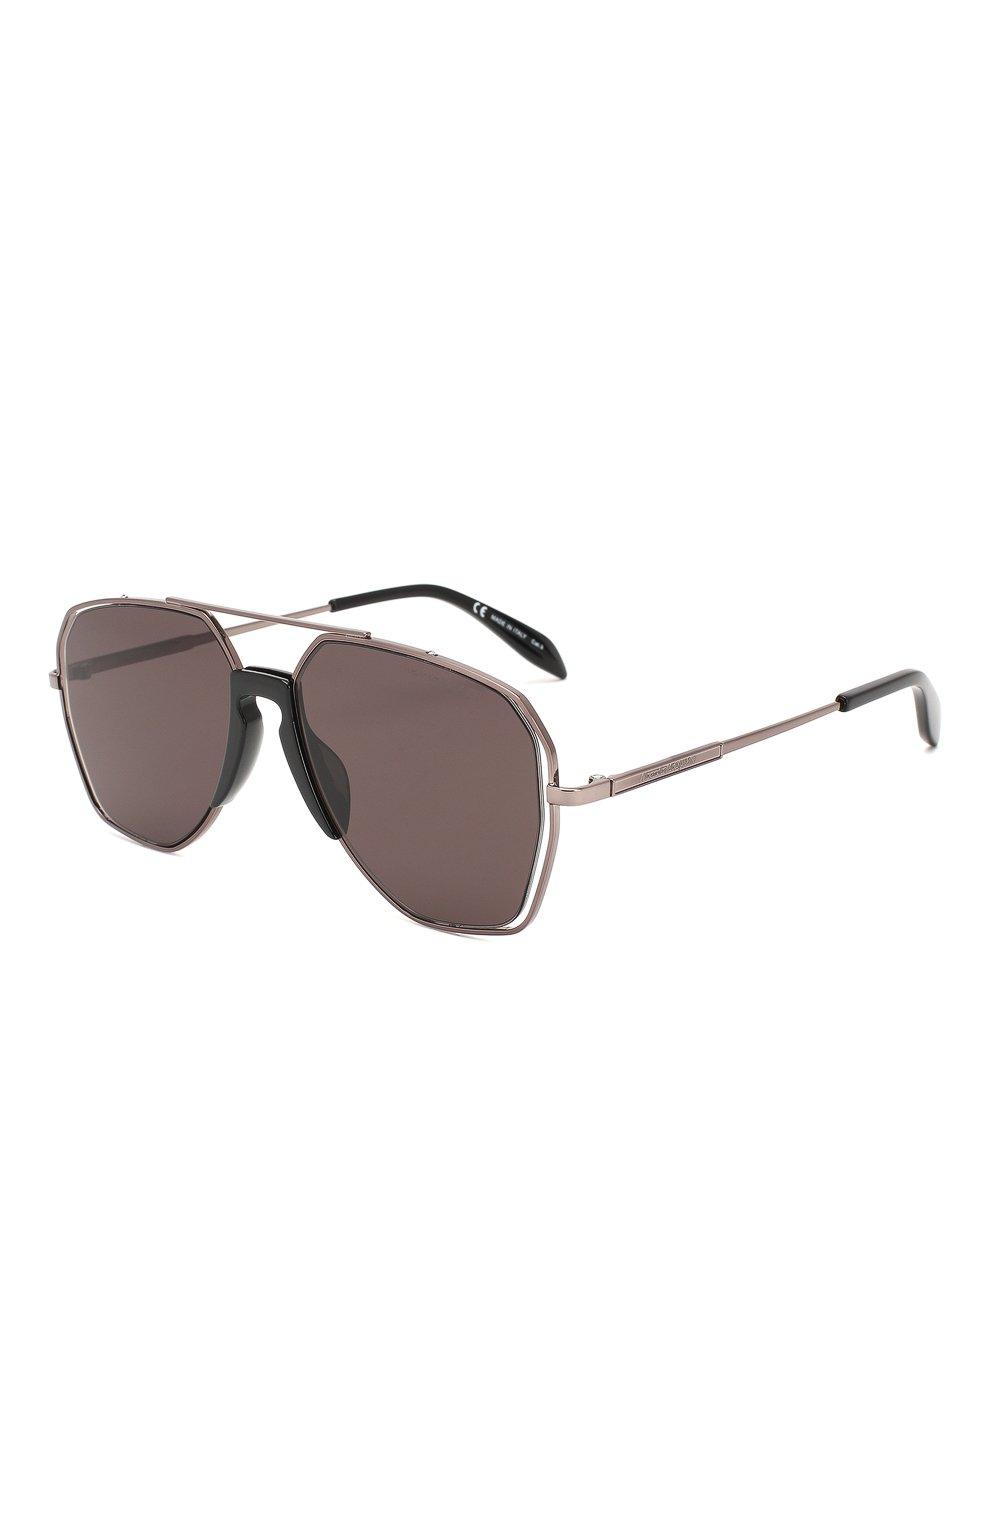 Мужские солнцезащитные очки ALEXANDER MCQUEEN серого цвета, арт. AM0197 004 | Фото 1